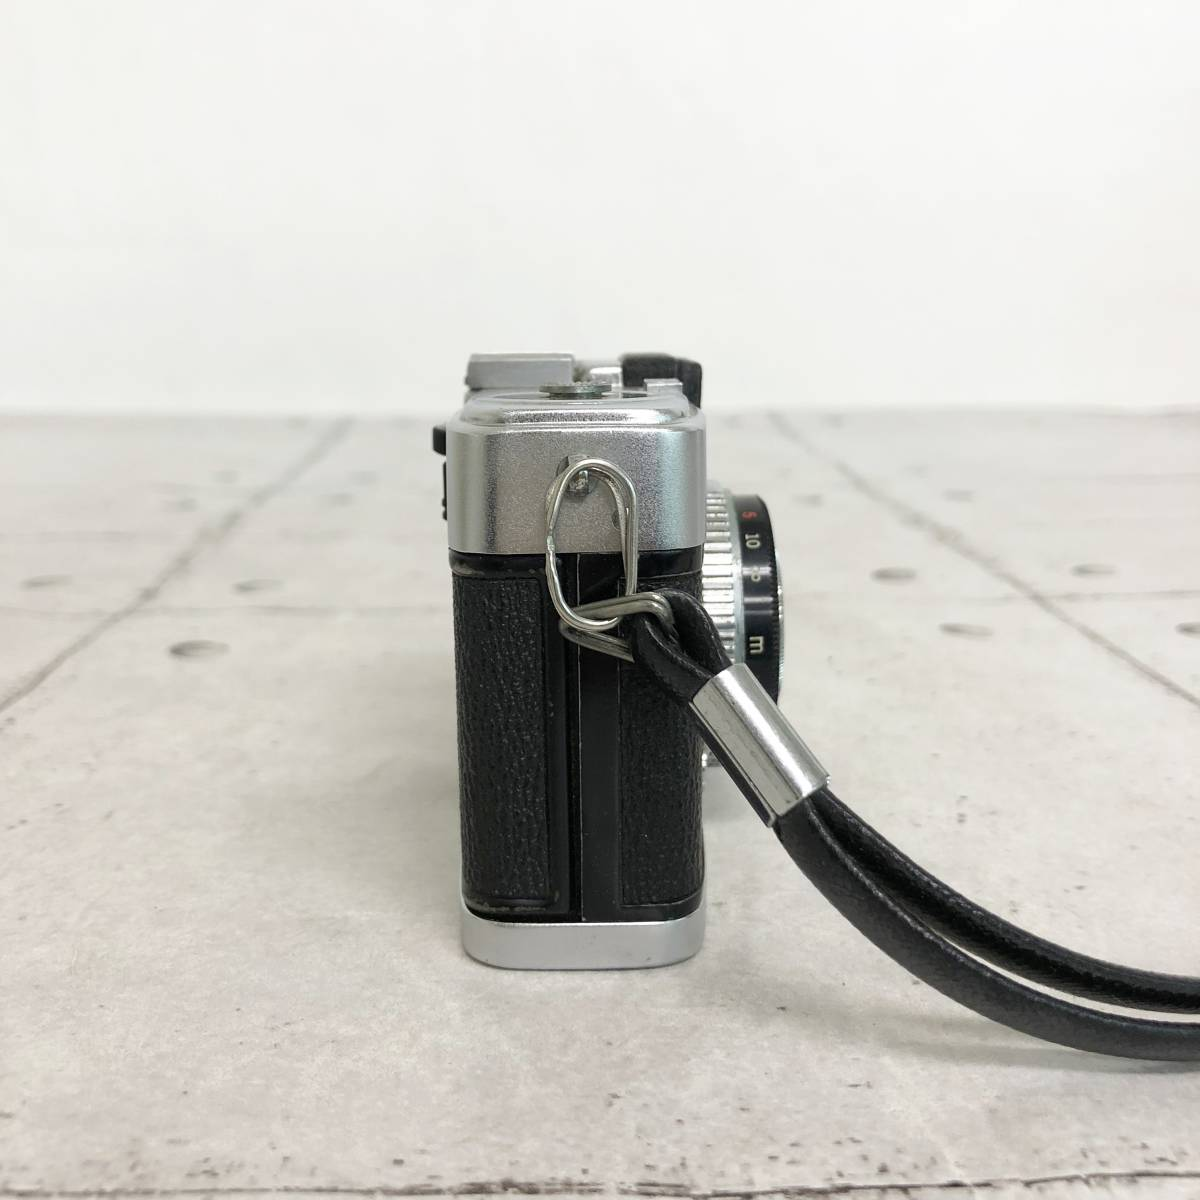 オリンパス PEN-S カメラ D.Zuiko 1:2.8 f=3cm 説明証 ケース 箱付 動作未確認 ジャンク品_画像6